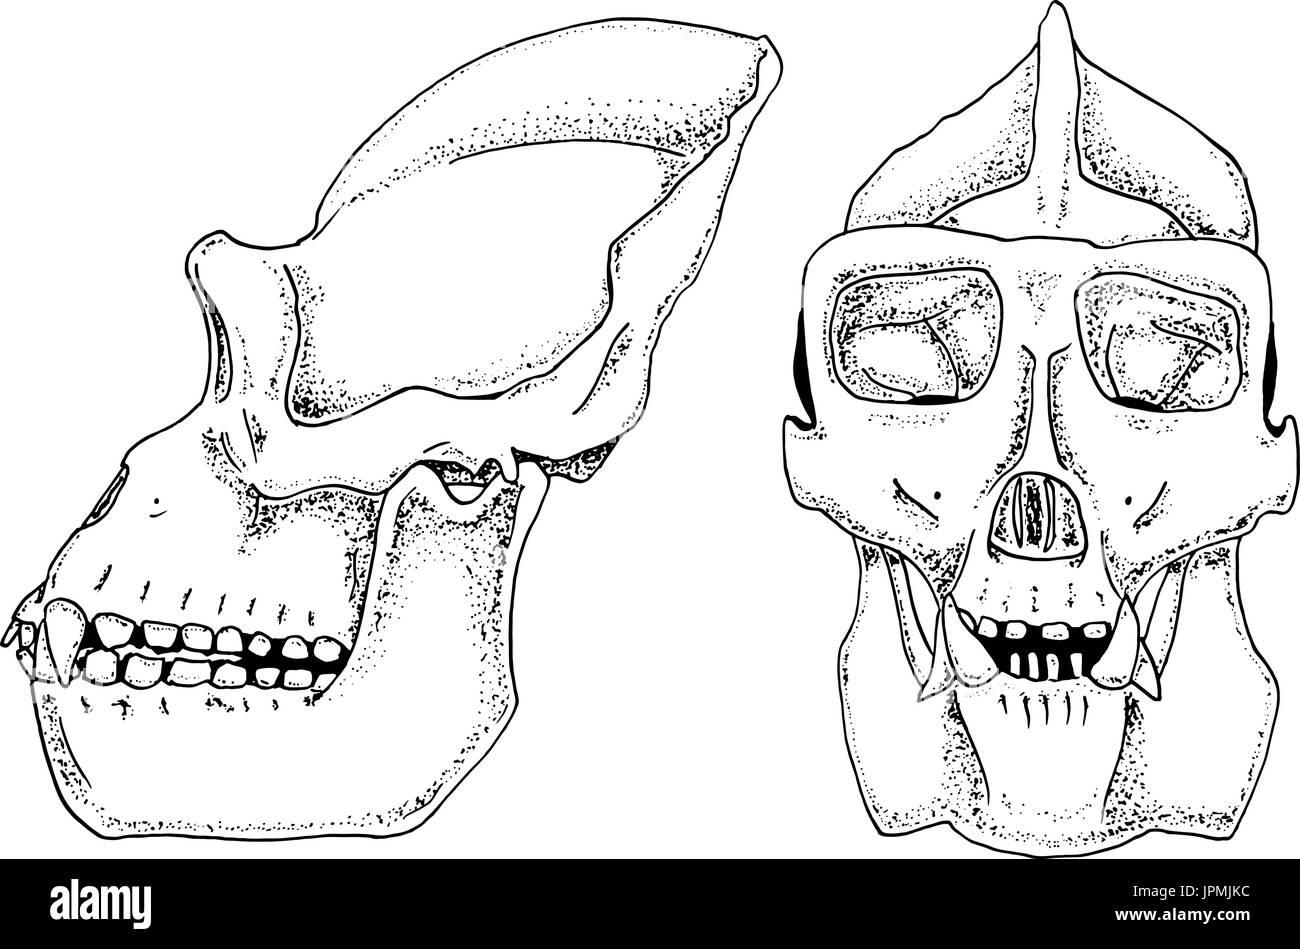 Gorilla Skeleton Stock Photos & Gorilla Skeleton Stock ...